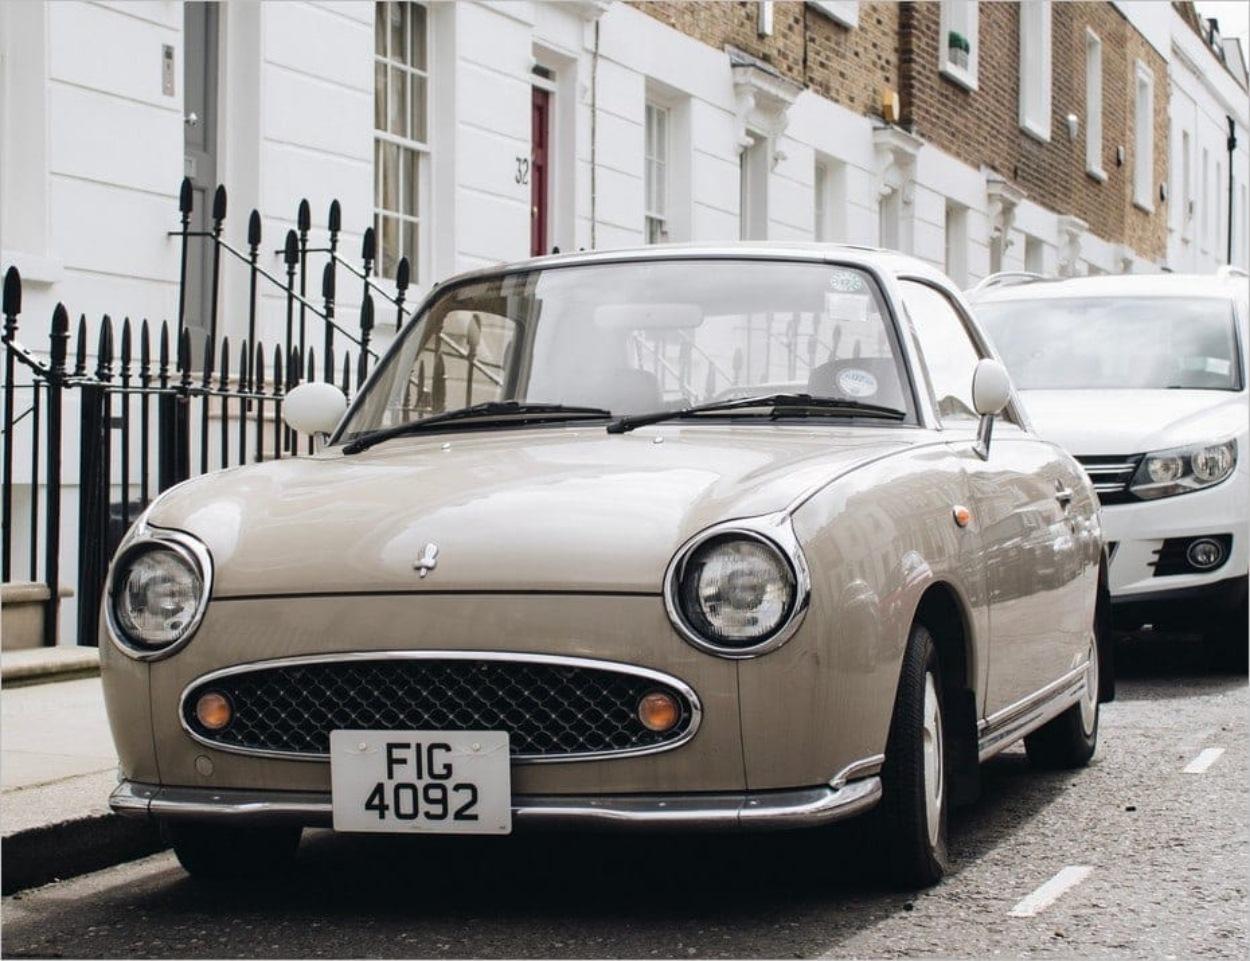 Conduire en Angleterre : tout ce qu'il faut savoir pour prendre la voiture !